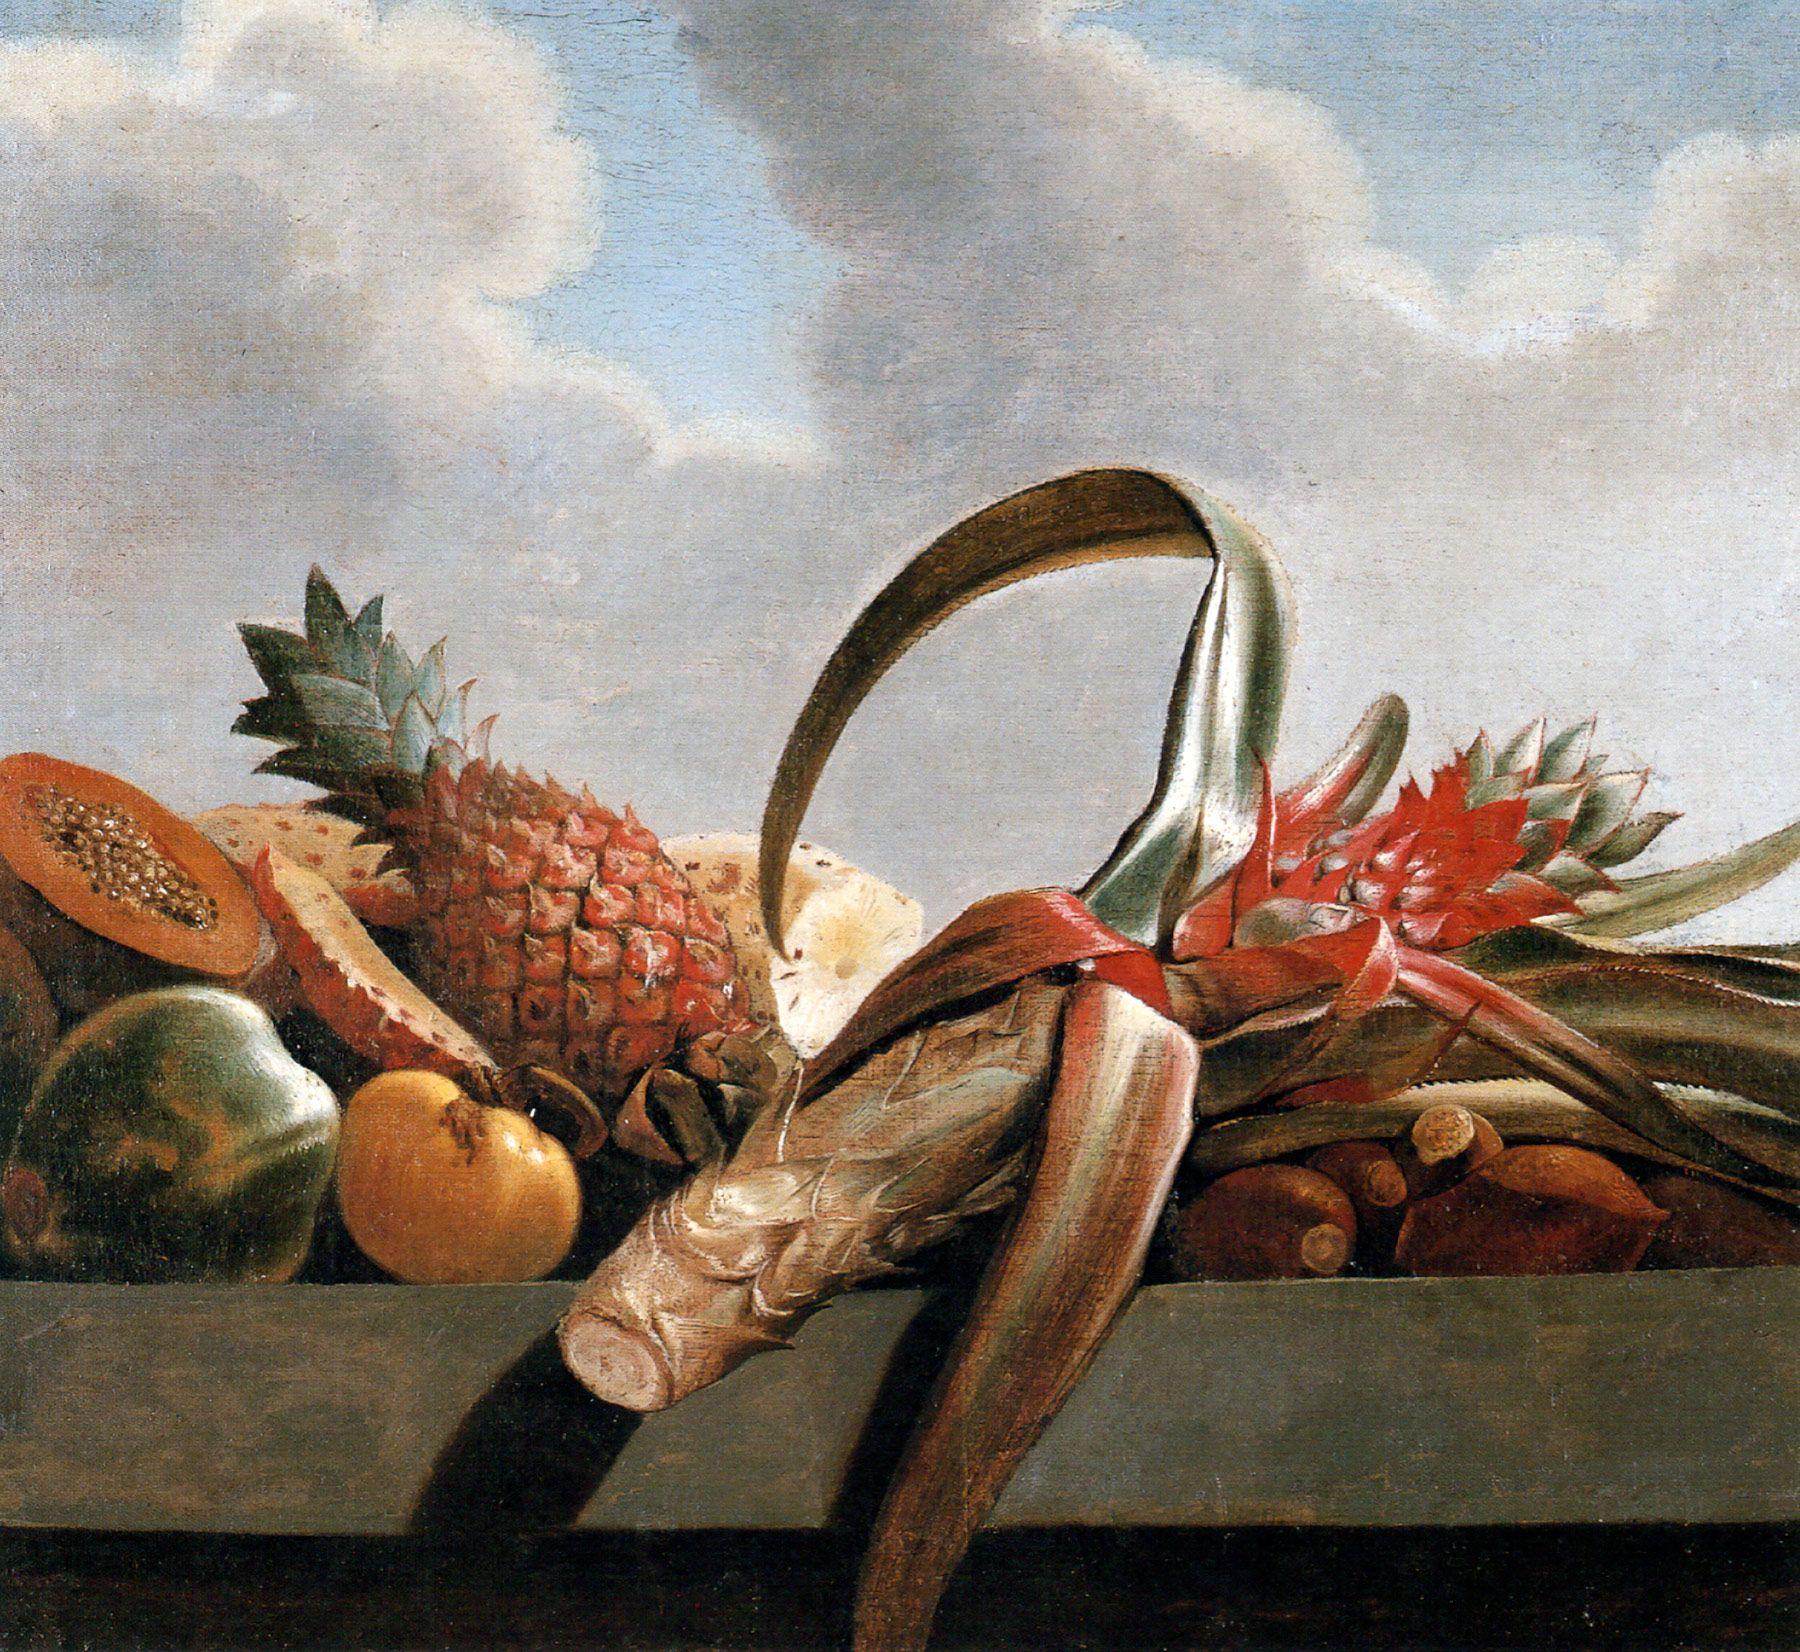 Natureza Morta Abacaxi Mamao E Outras Frutas Albert Eckhout